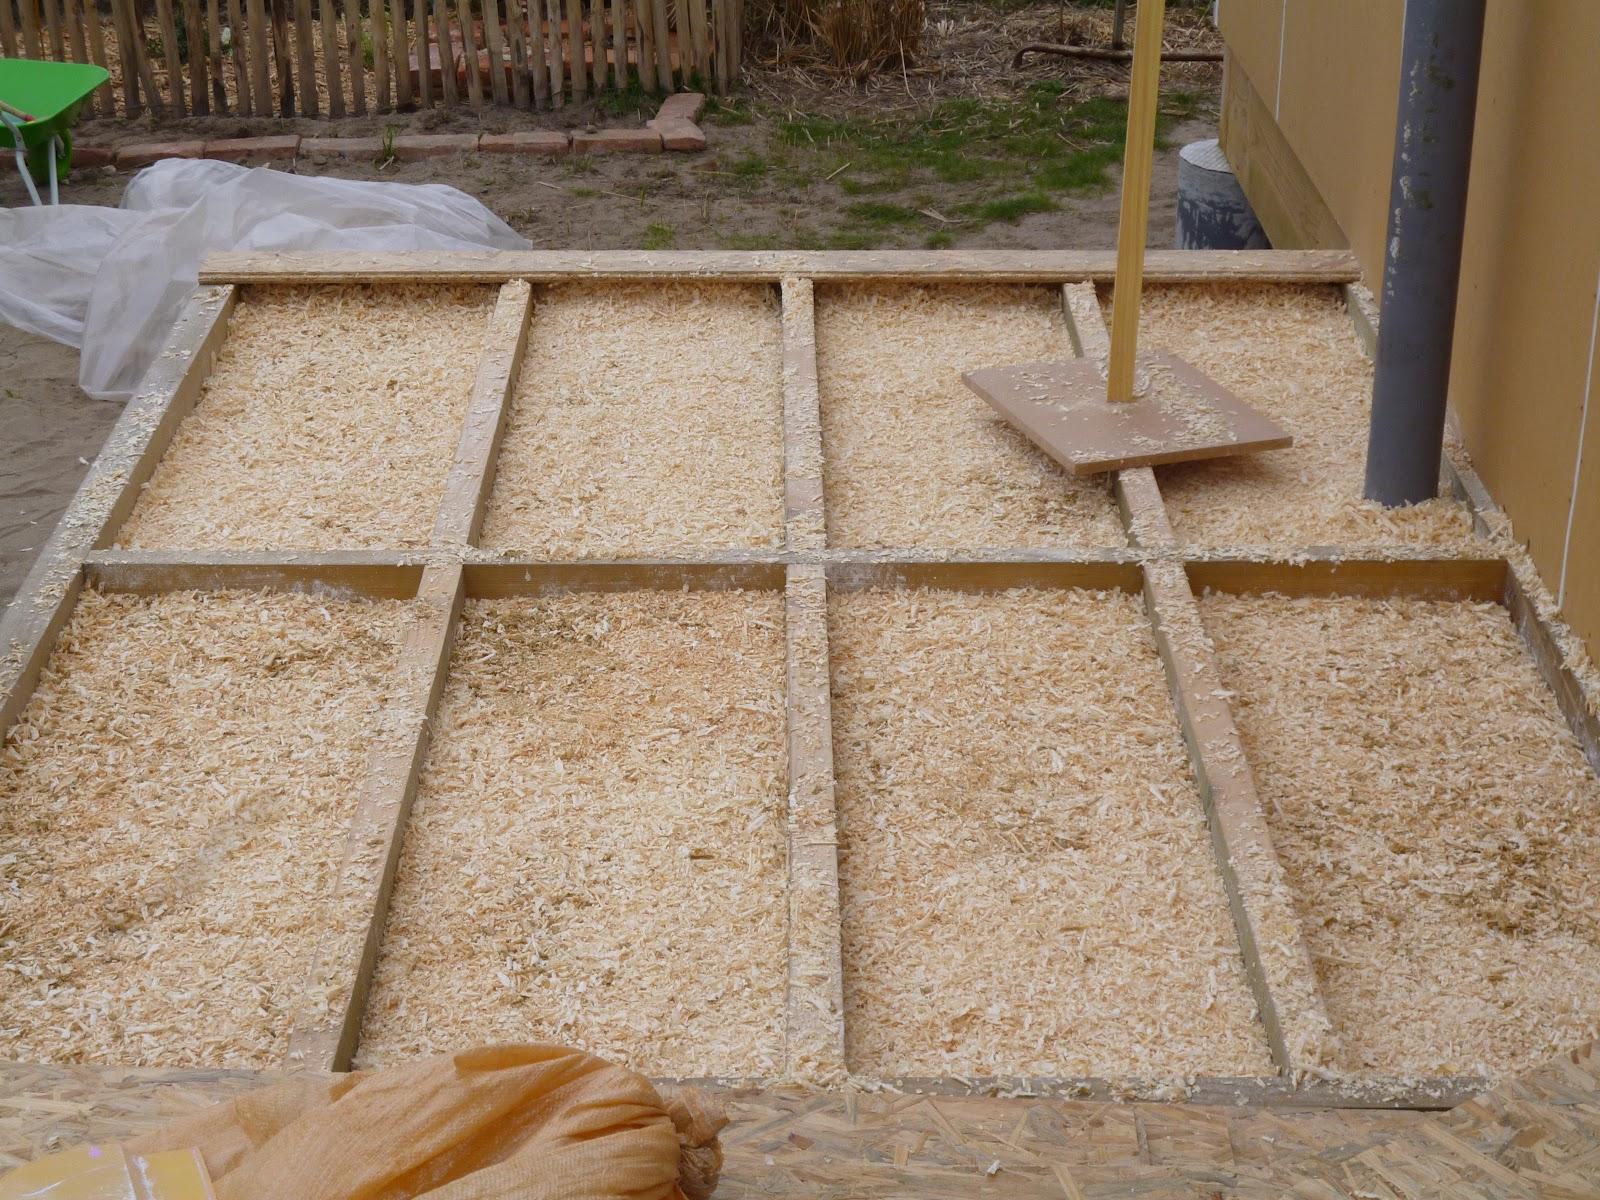 Maison paille autoconstruction azur 40 for Isolation copeaux de bois